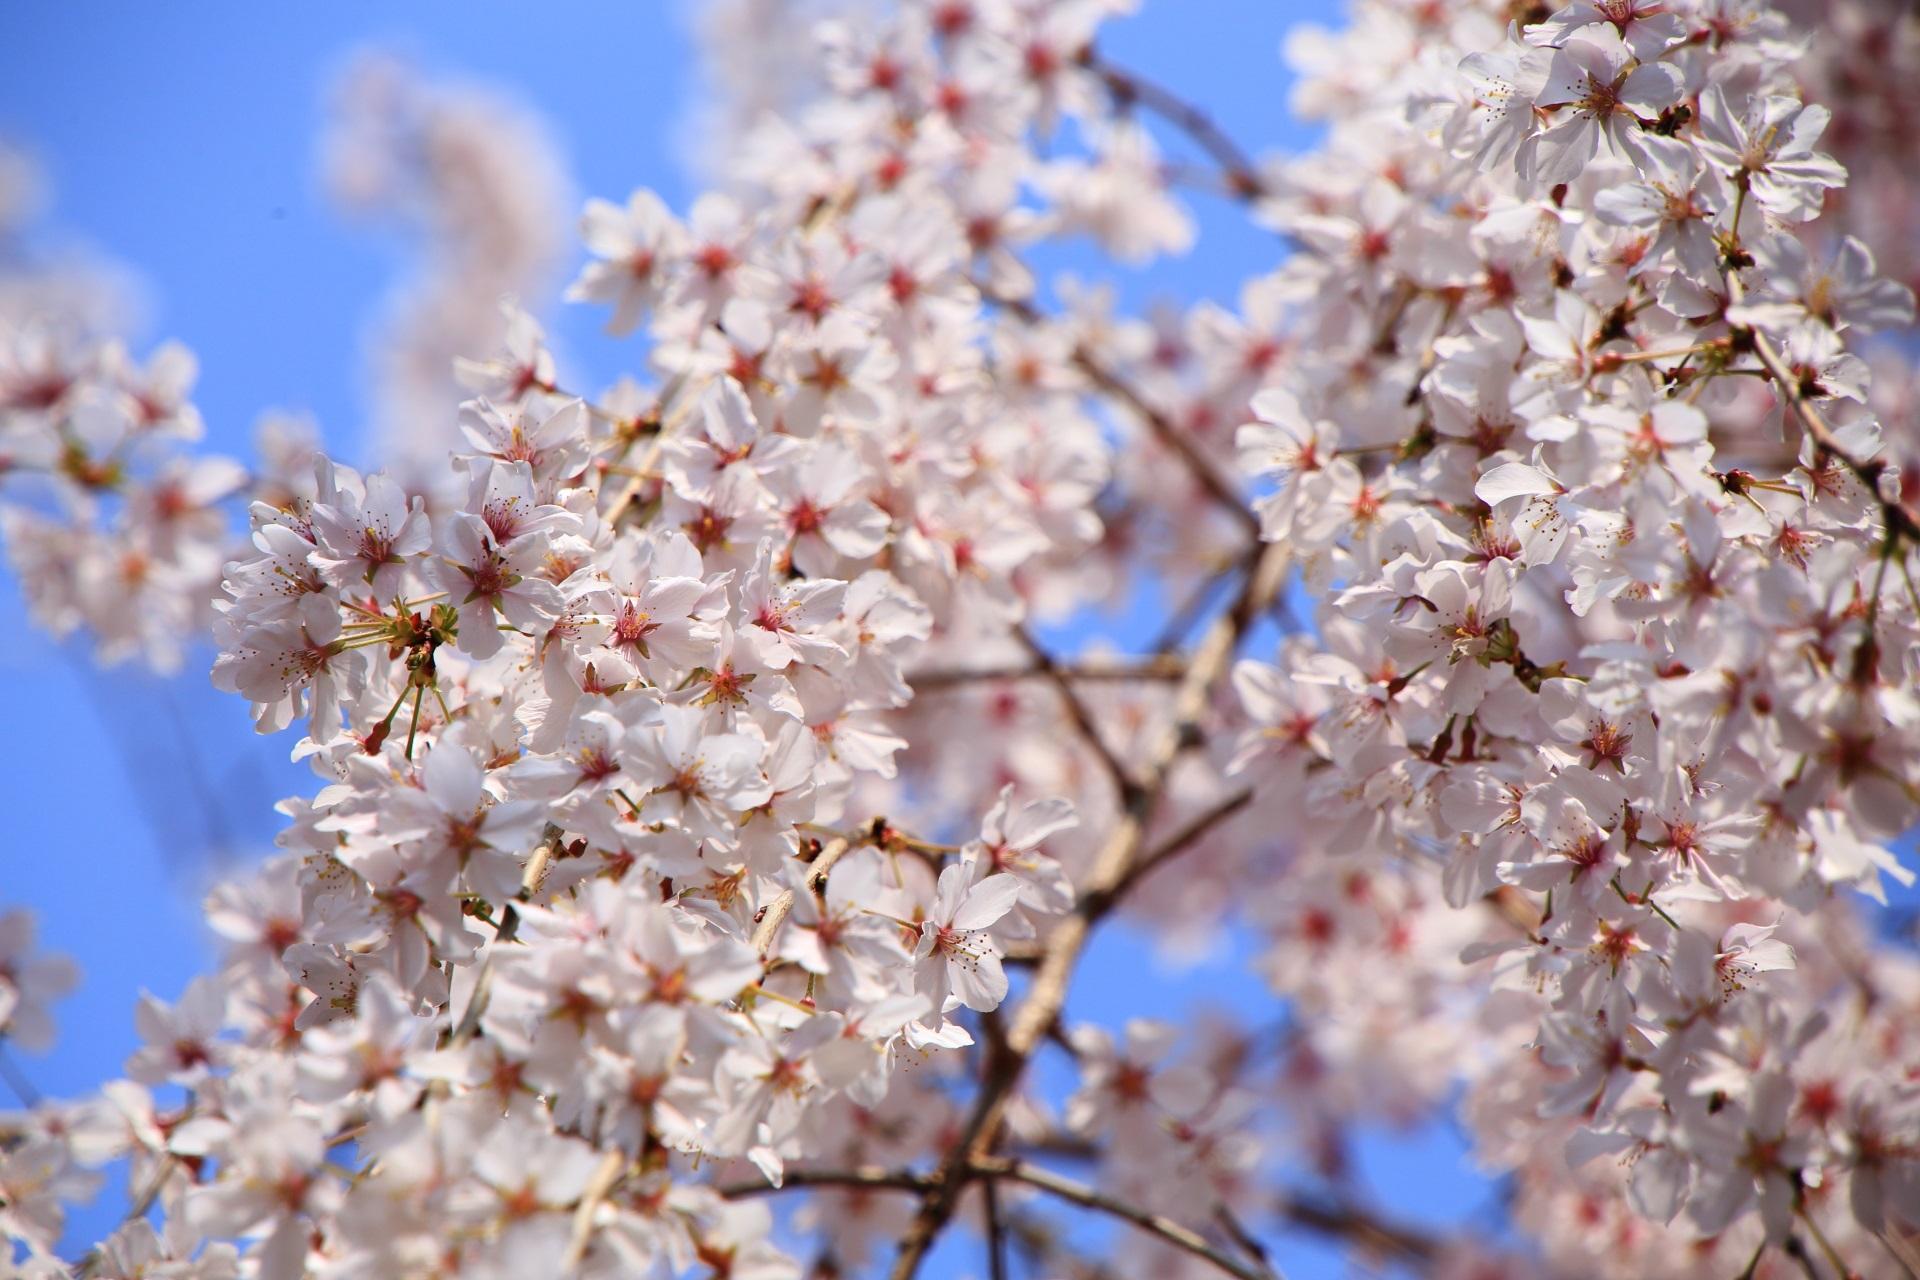 六角堂の青空の下で輝く桜